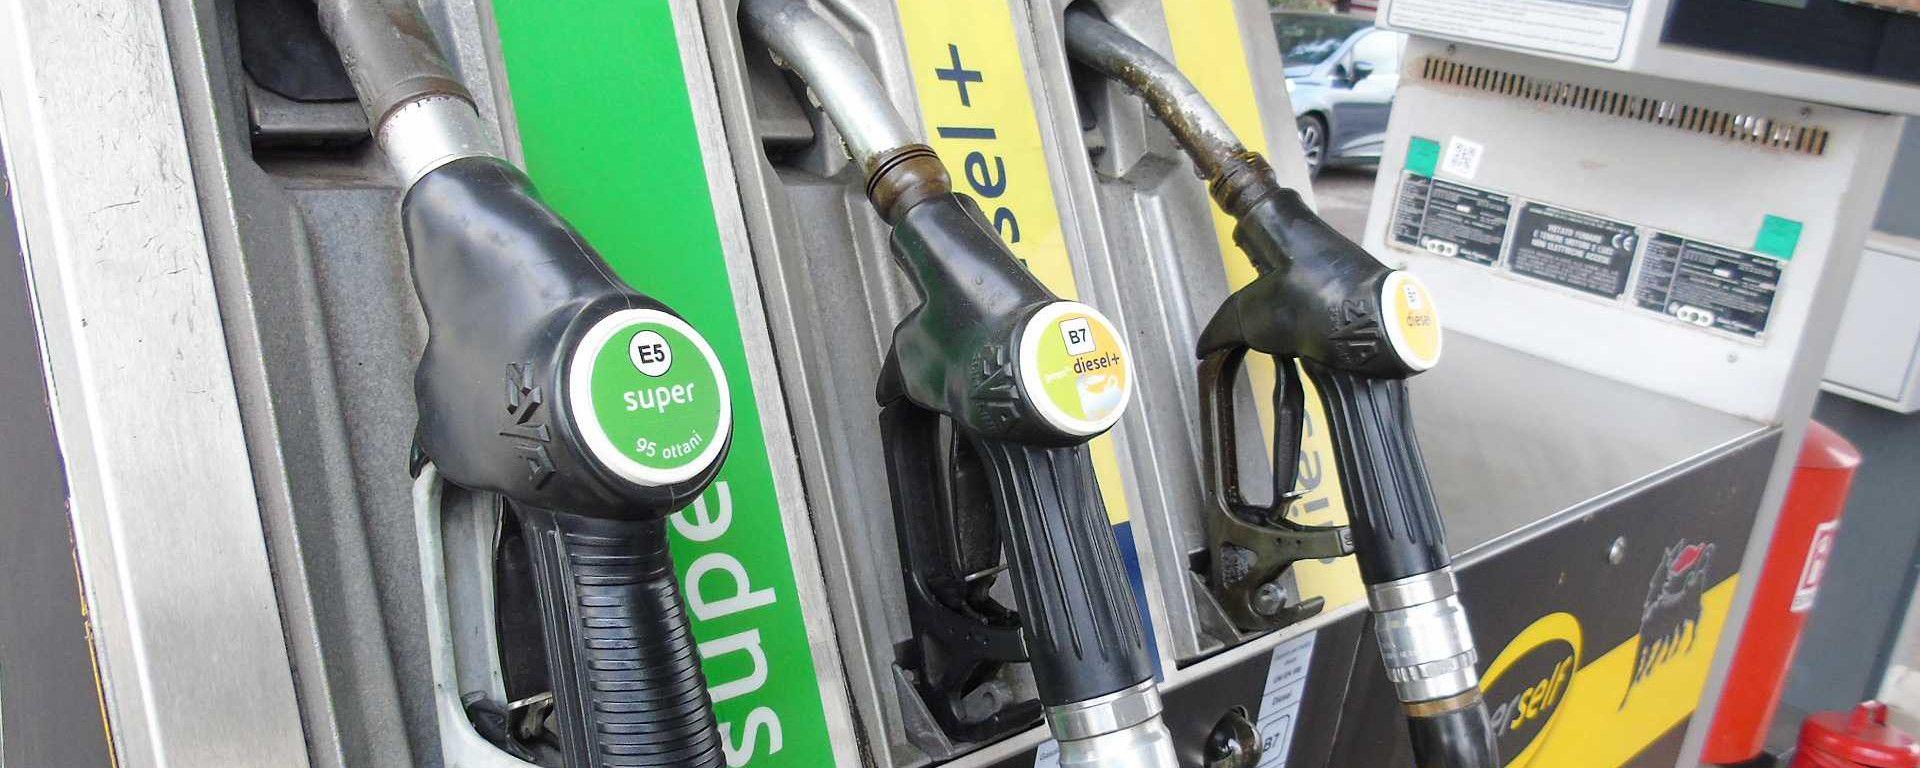 Benzina e diesel costeranno uguale? La consultazione pubblica è consultabile online